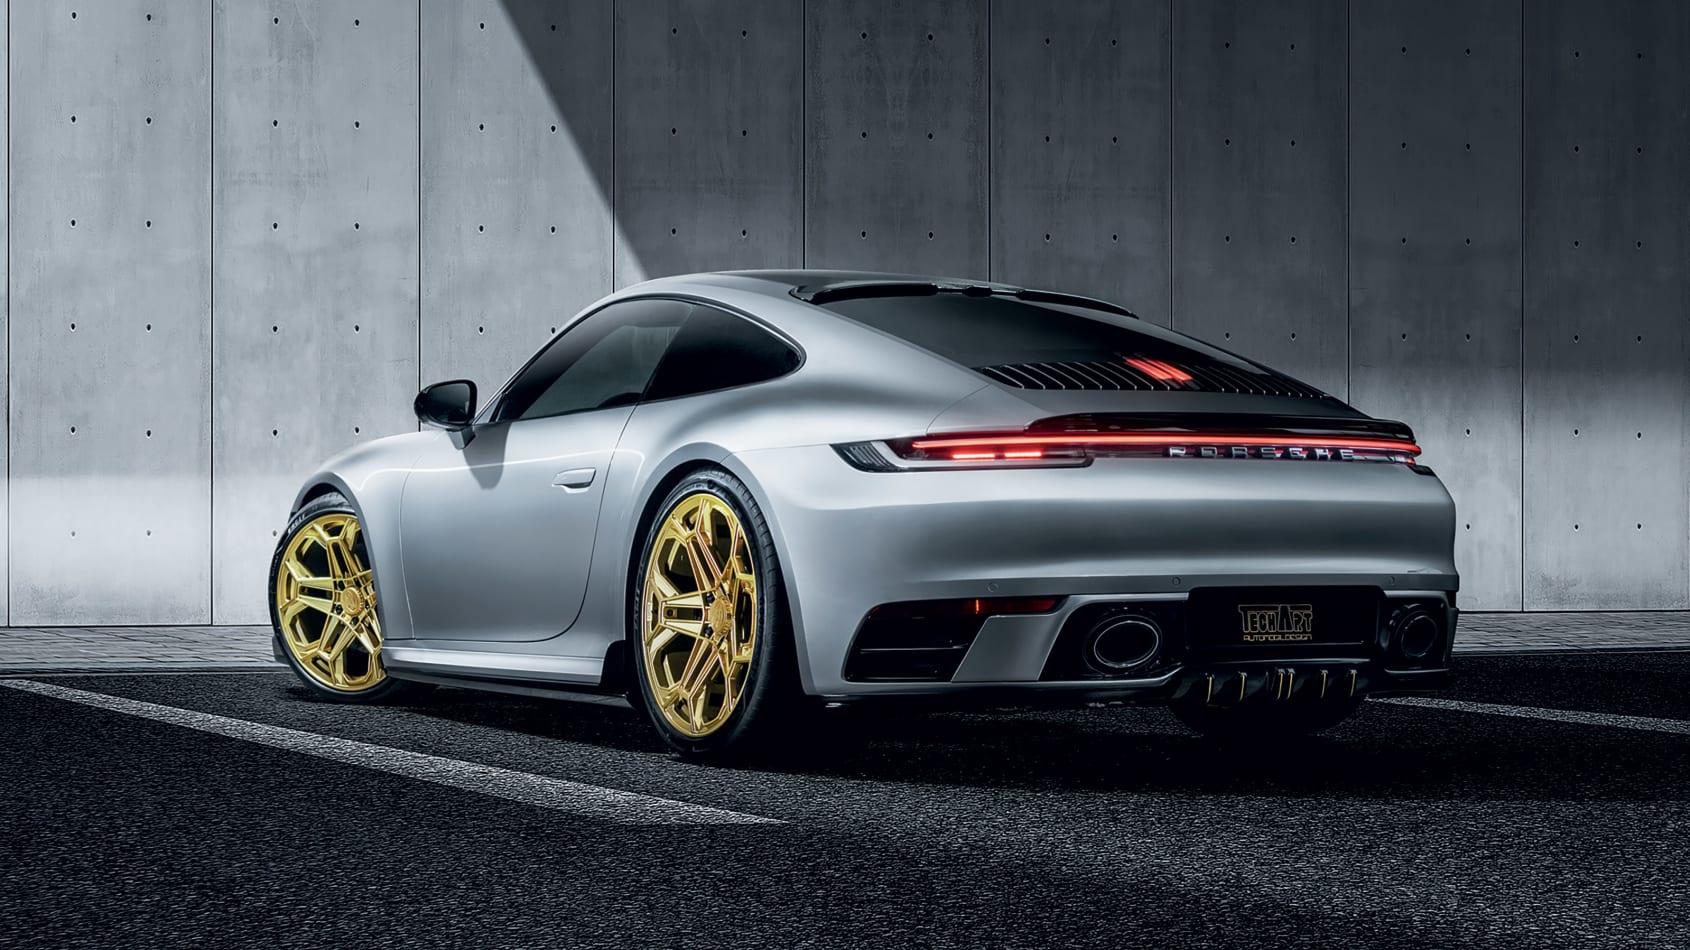 Techart 992 Porsche 911 Carrera Porsche 992 Forum